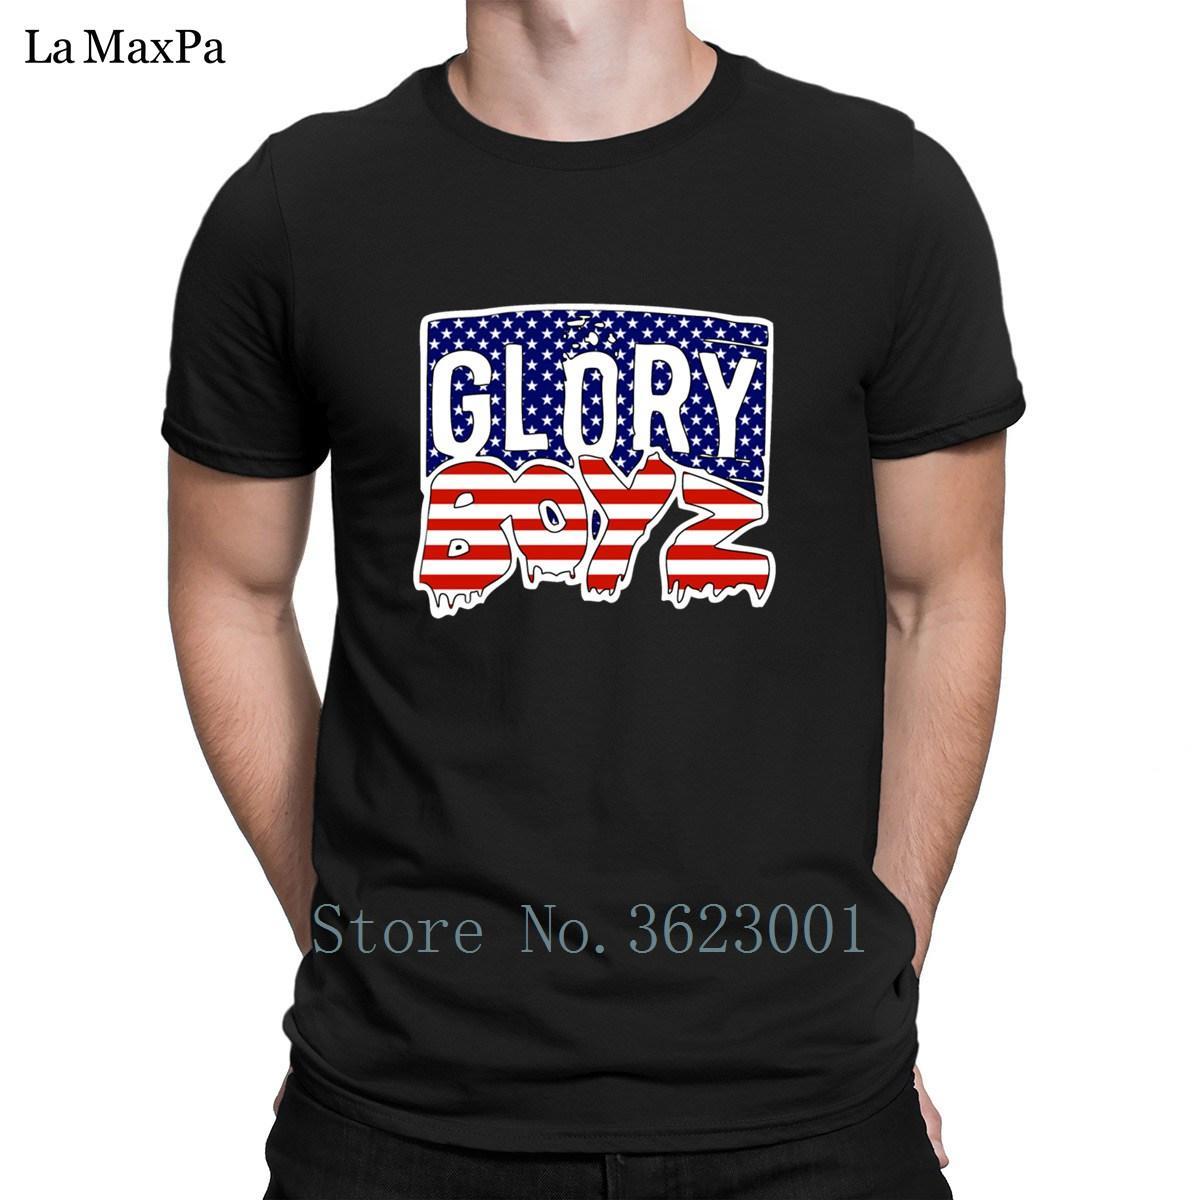 Erkekler İlkbahar Sonbahar Tişörtlü Mens Benzersiz Tişört S-3XL HipHop için Delao Tshirt tarafından özelleştirme Eğlence Erkek Tee Gömlek Glory Boyz Amerika Logo